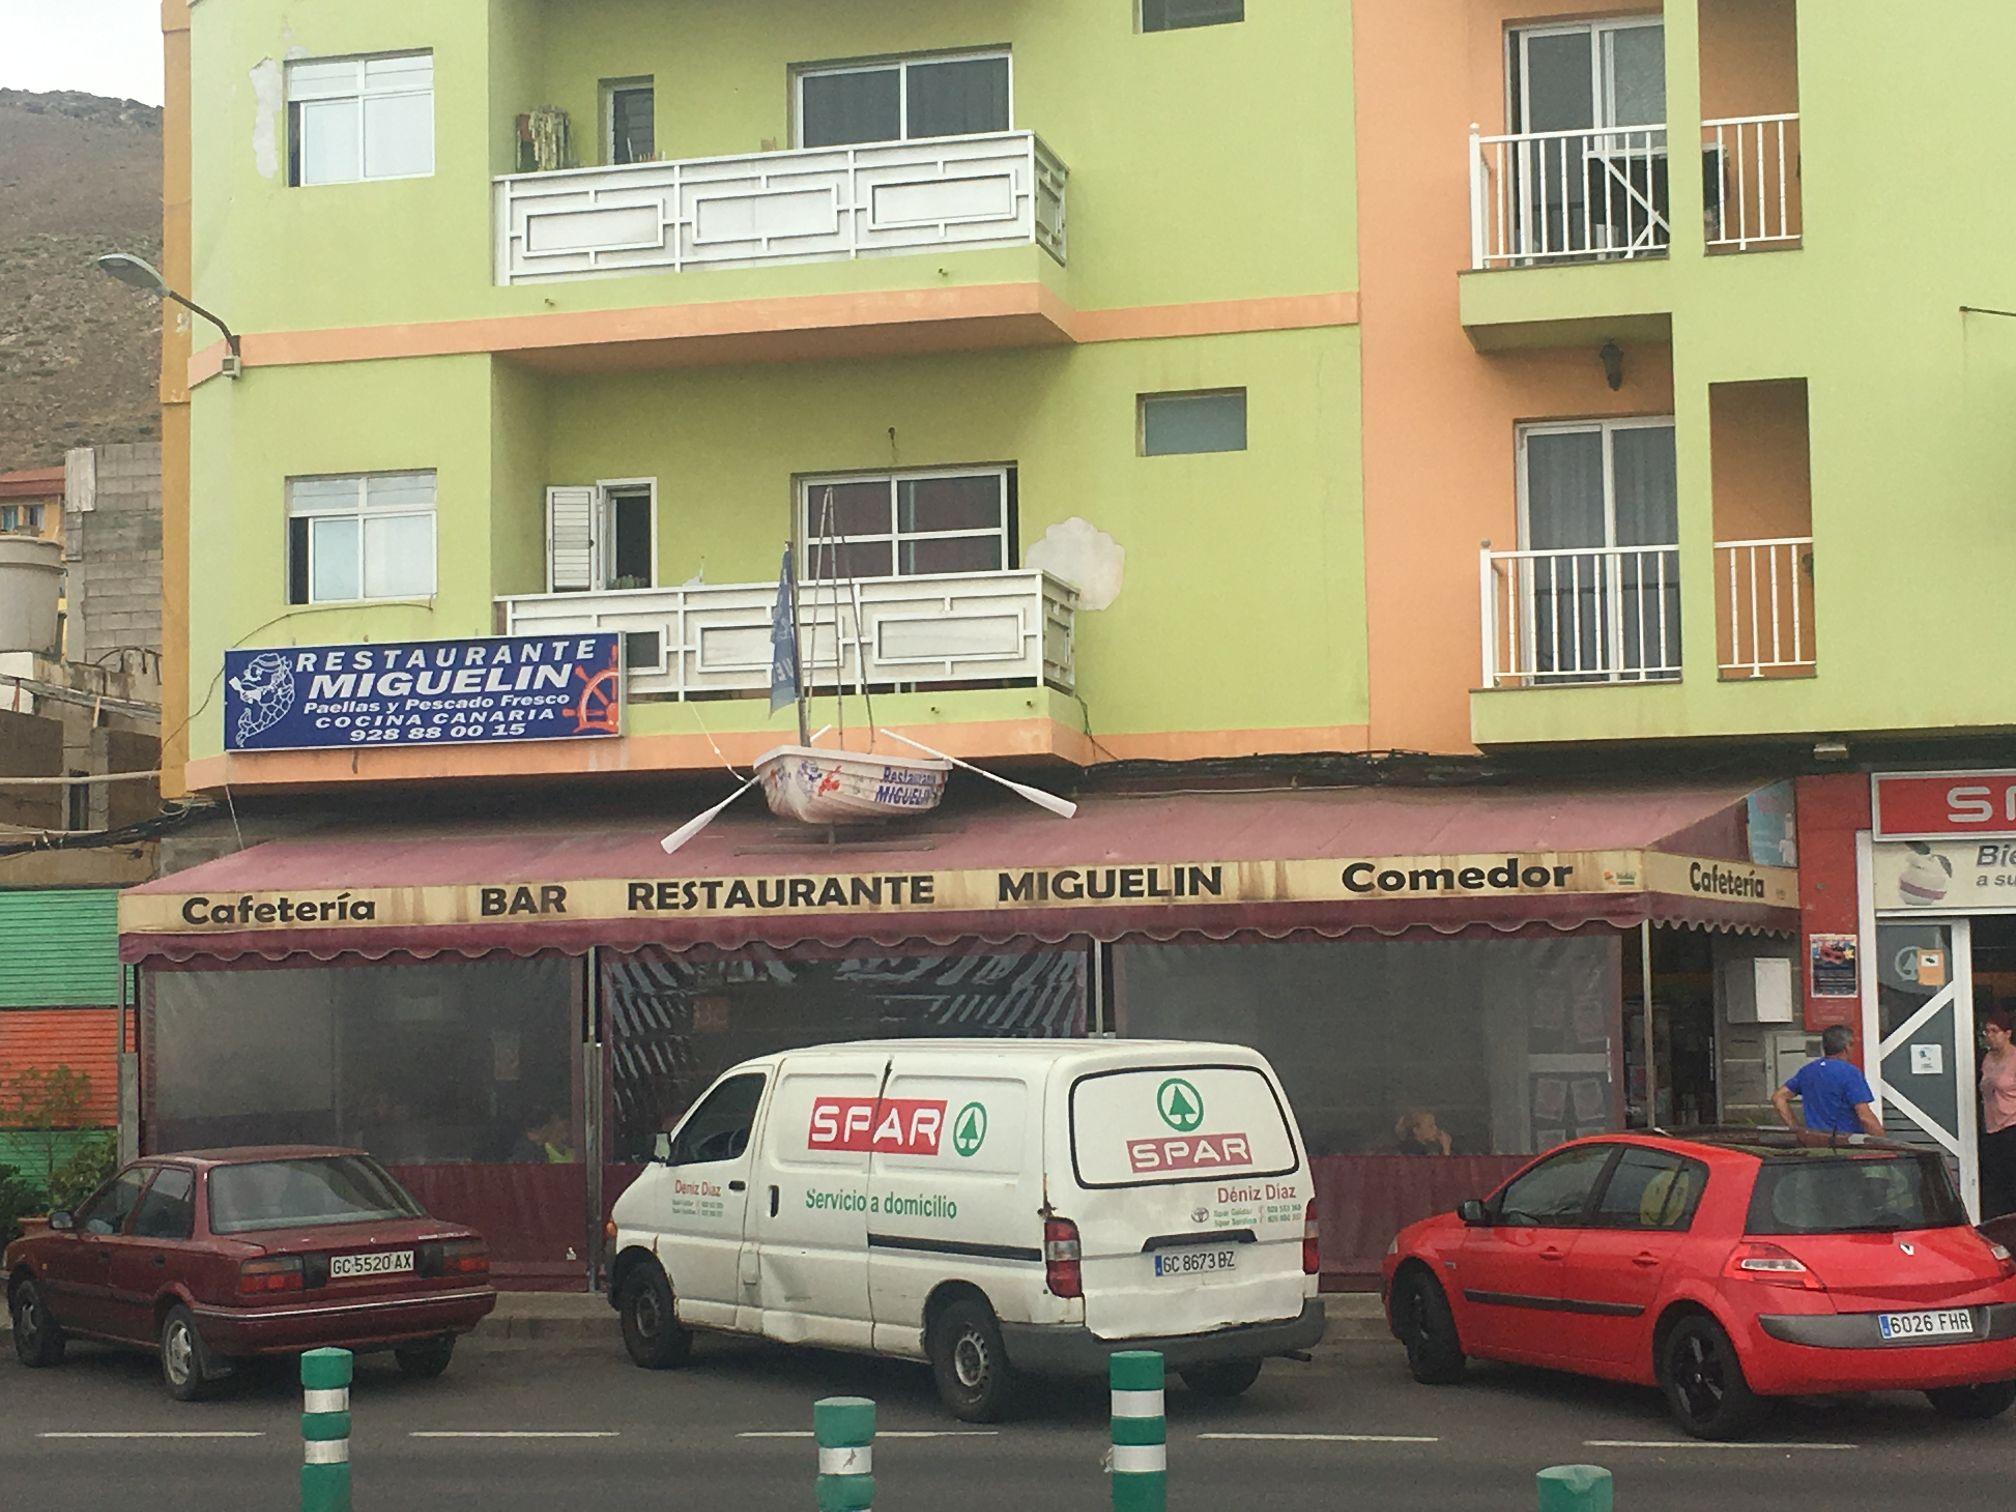 Galdar Gran Canaria Miguelino1.jpg